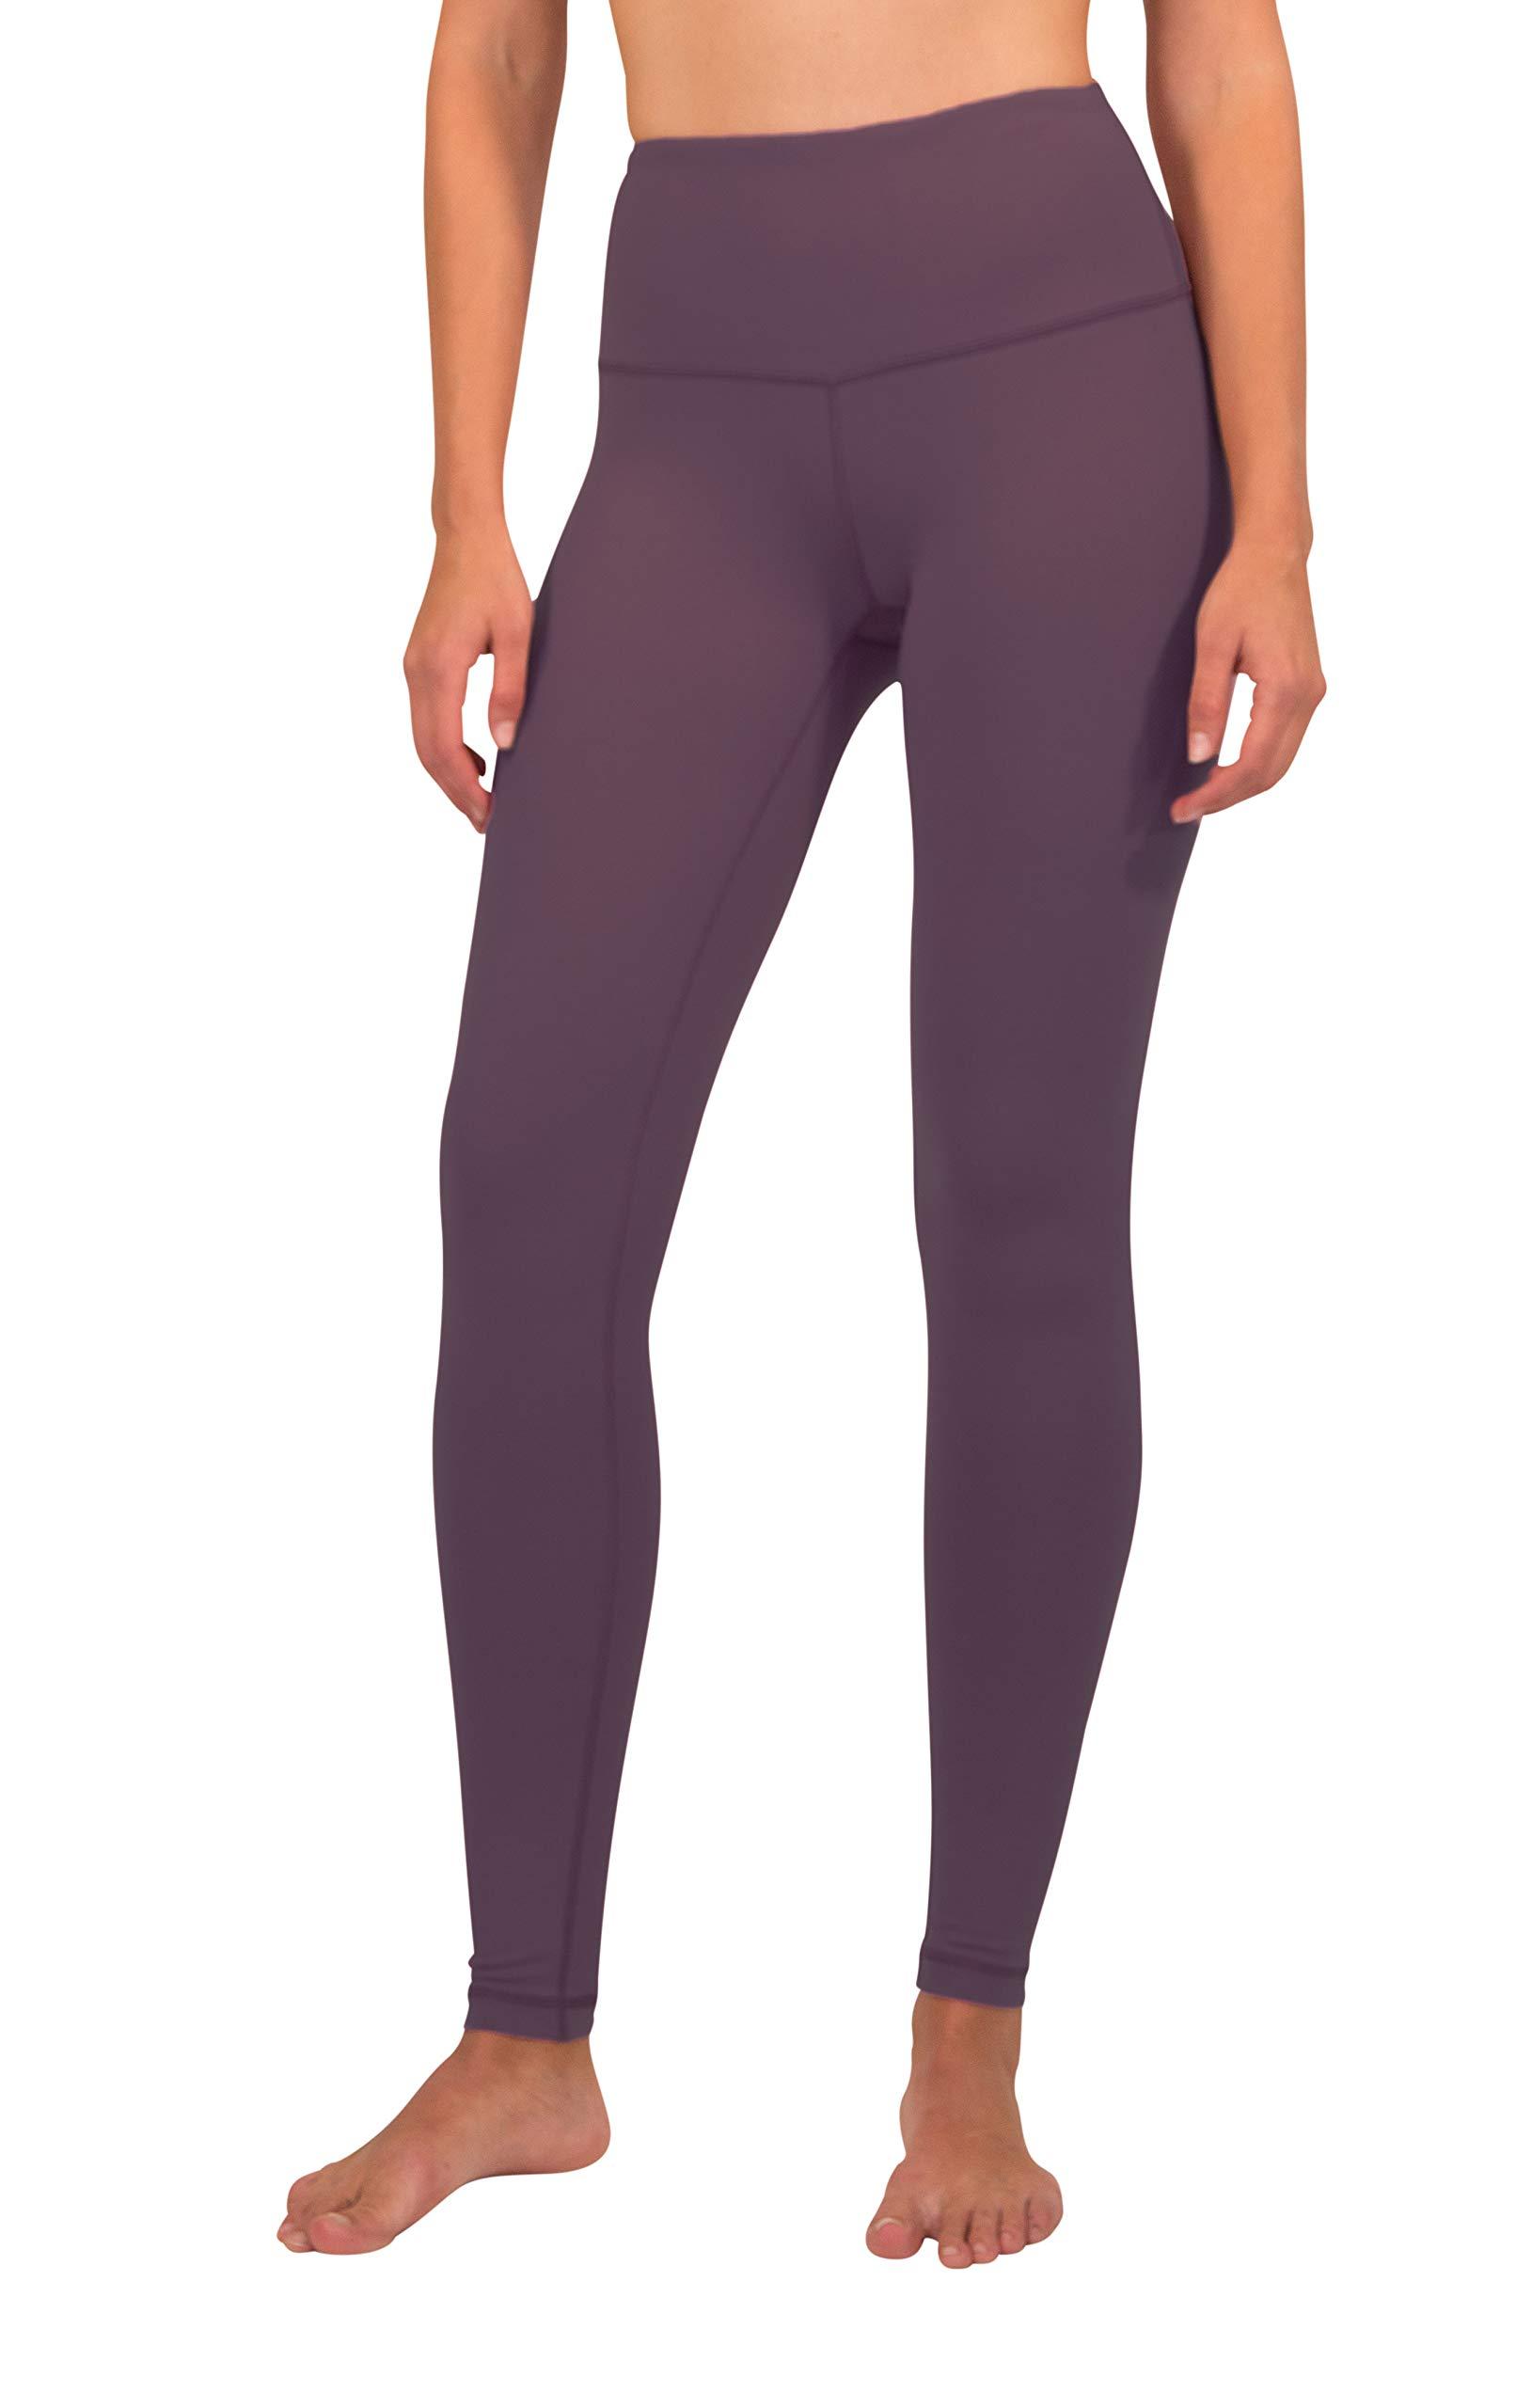 90 Degree By Reflex - High Waist Power Flex Legging – Tummy Control - Dusky Orchid - XS